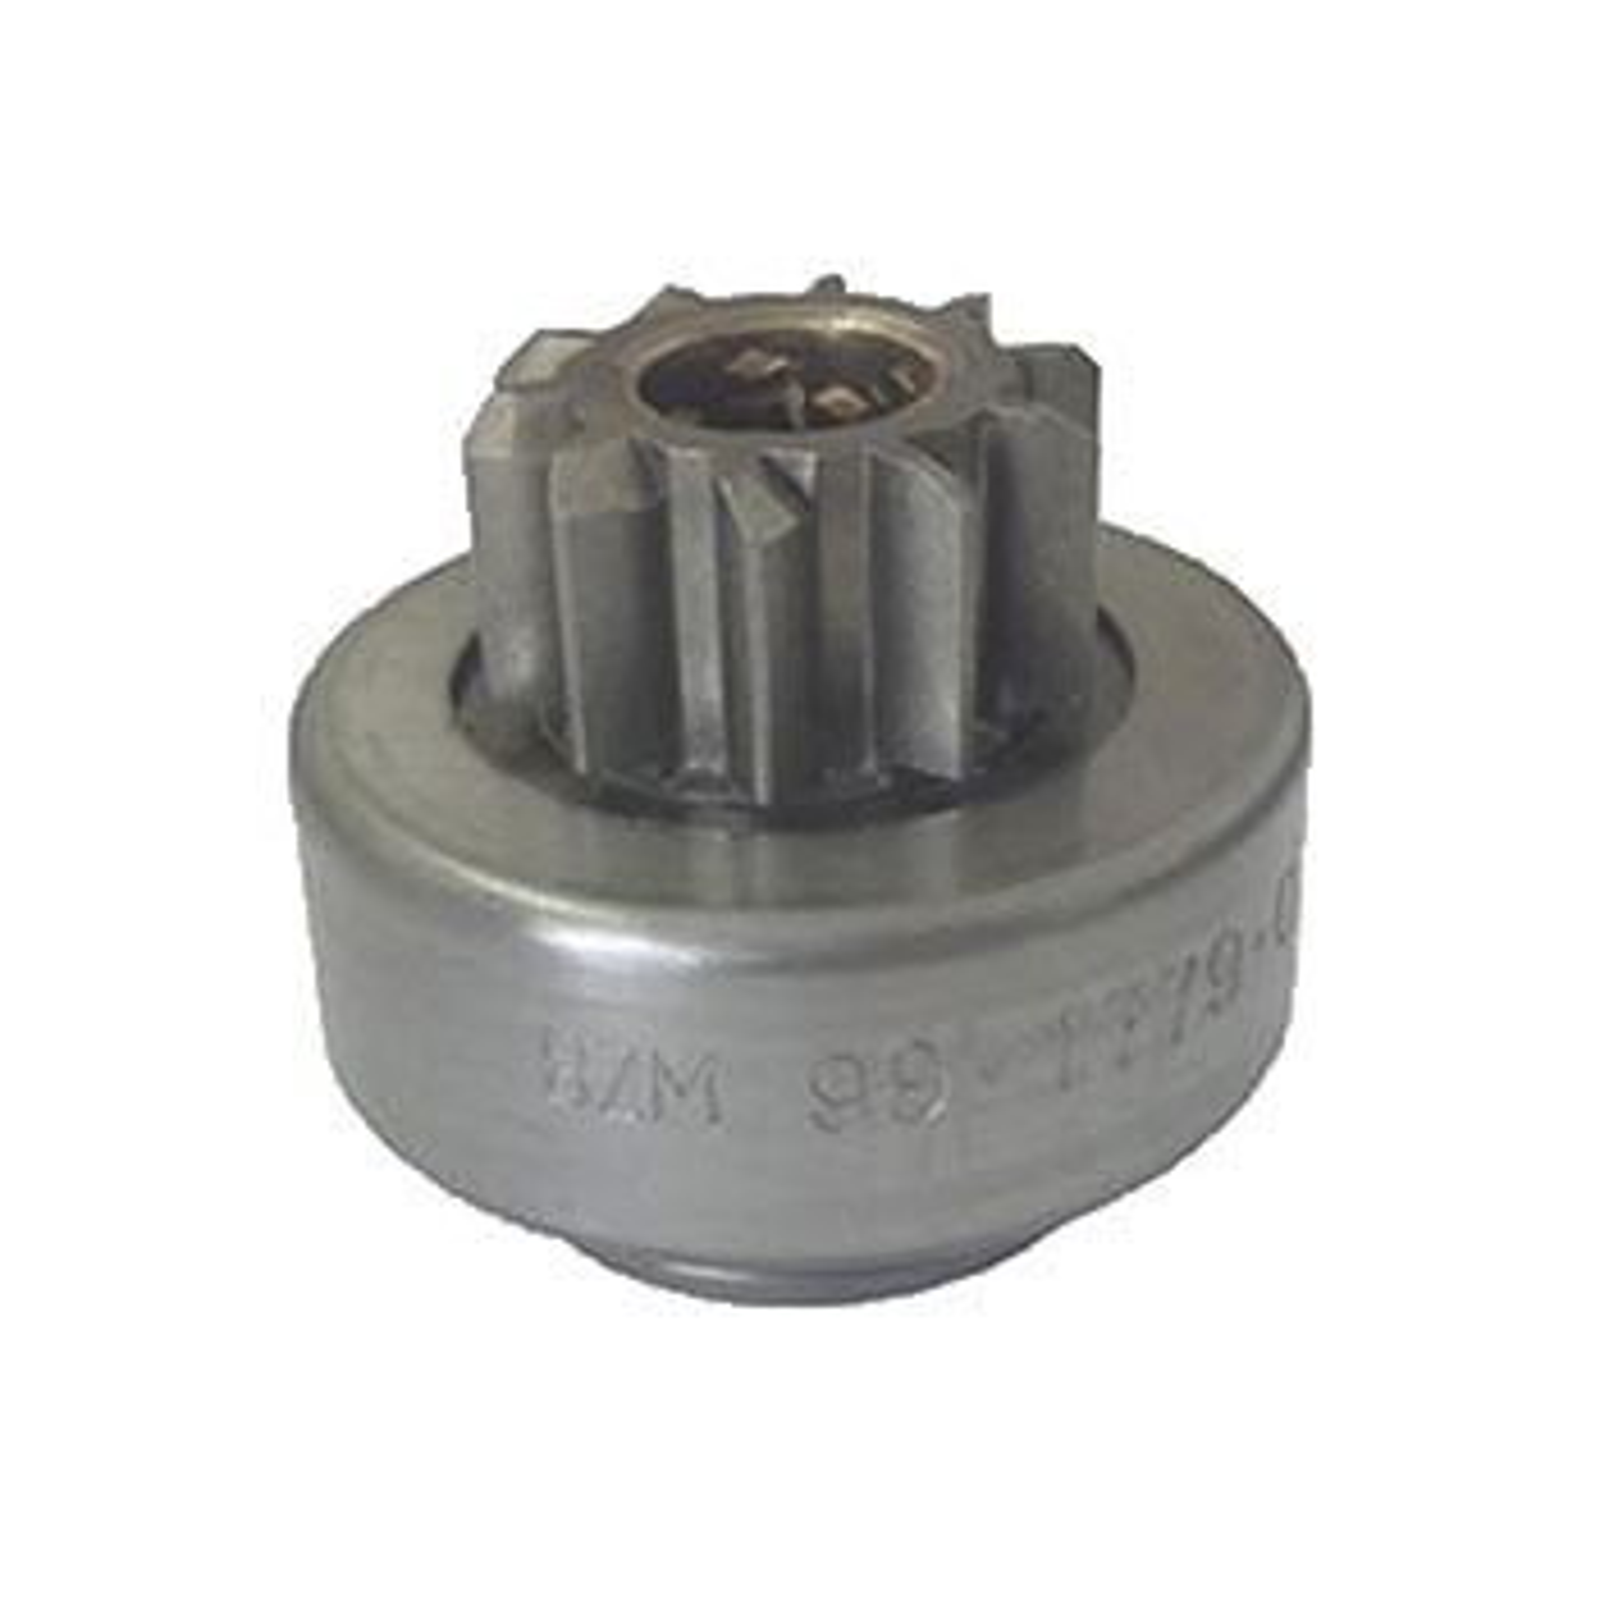 Bendix Motor de Partida DOBLO PALIO IDEA PUNTO (BZM1779) - B